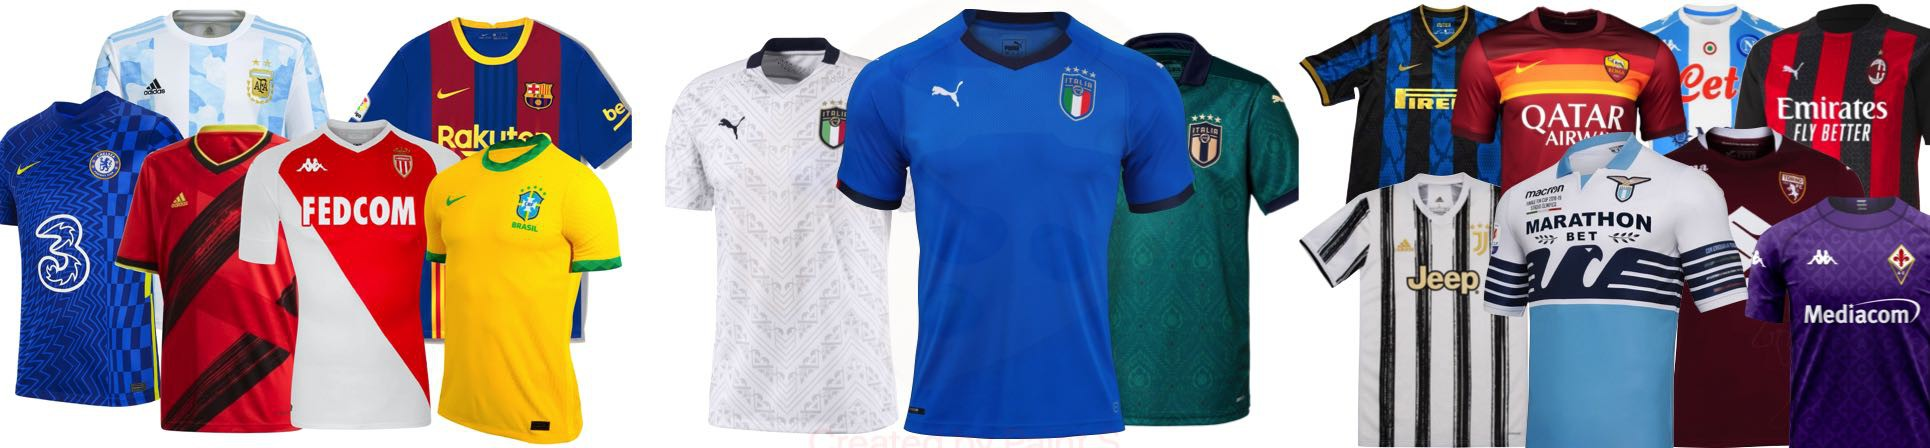 vendita online t-shirt calcio